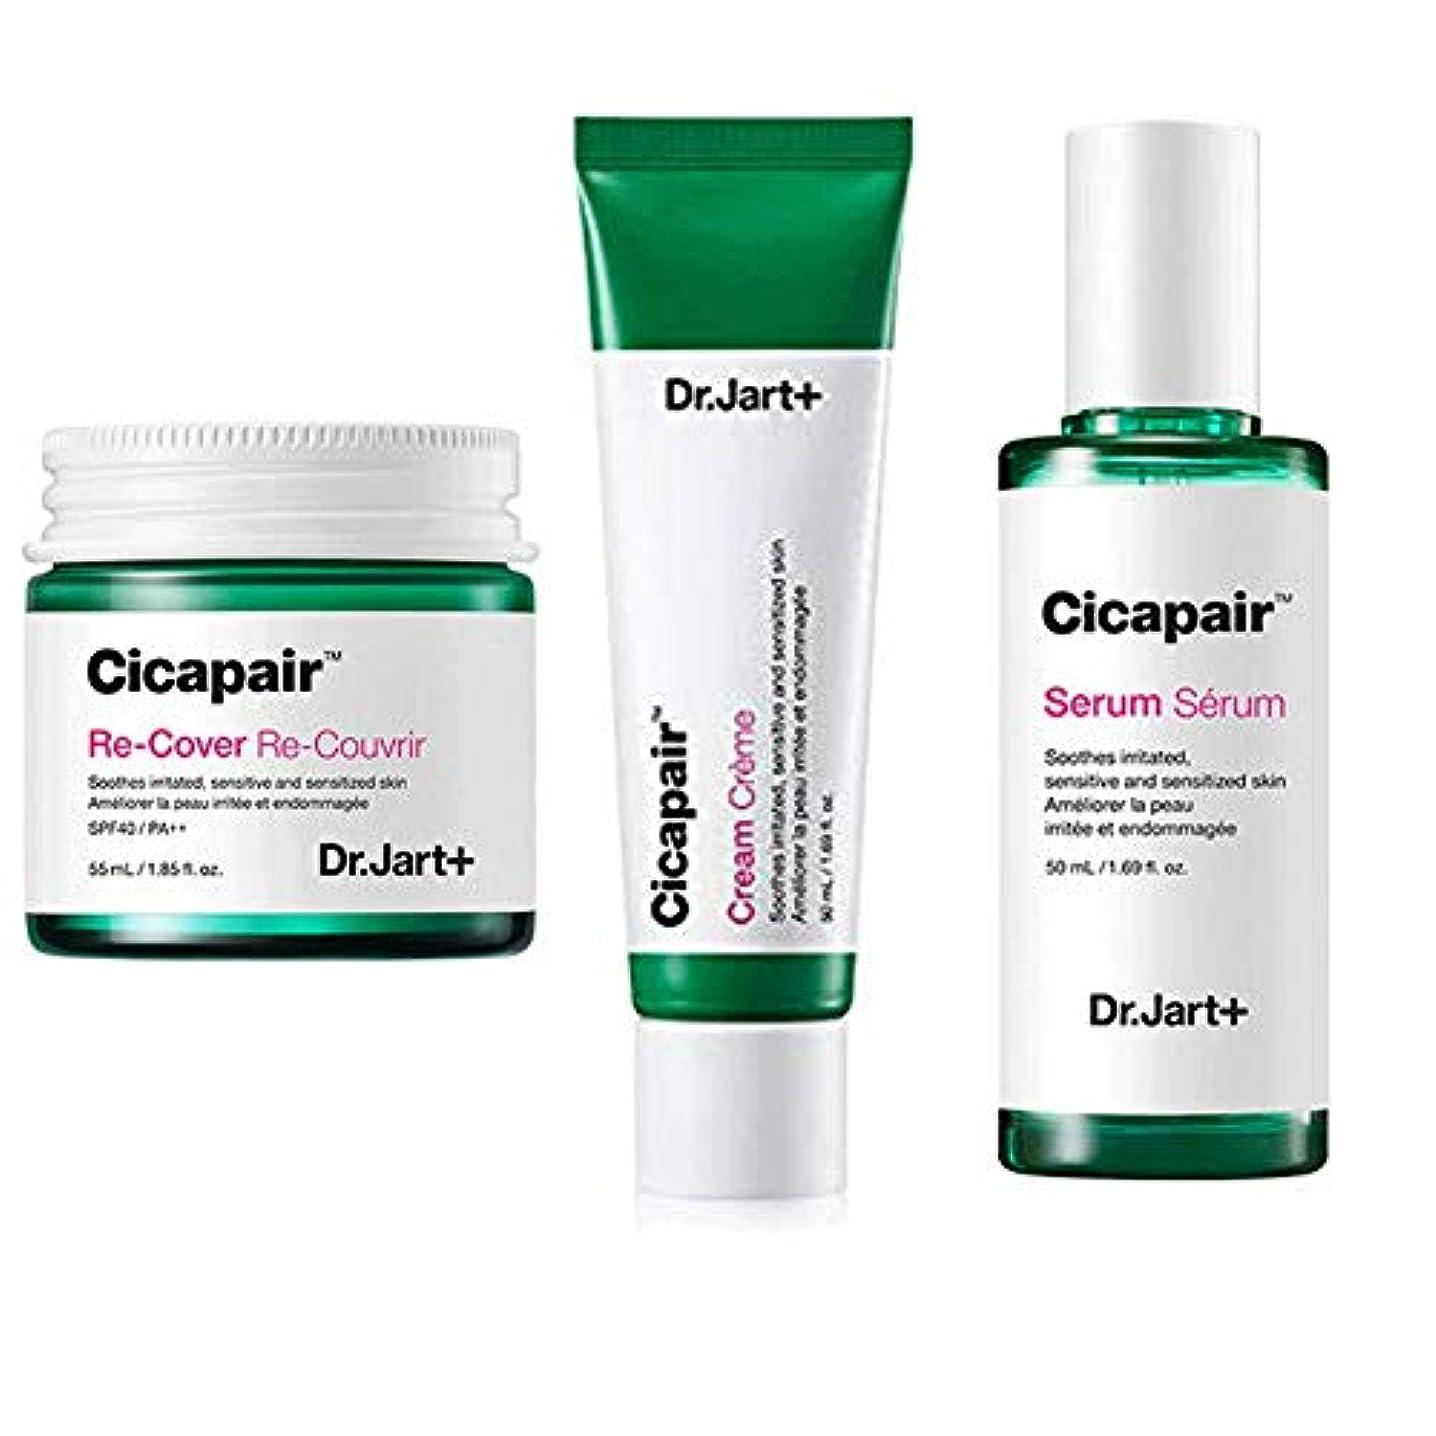 倒錯無関心ルビーDr.Jart+ Cicapair Cream + ReCover + Serum ドクタージャルトシカペアクリーム50ml + リカバー 55ml + セラム 50ml(2代目) セット [並行輸入品]